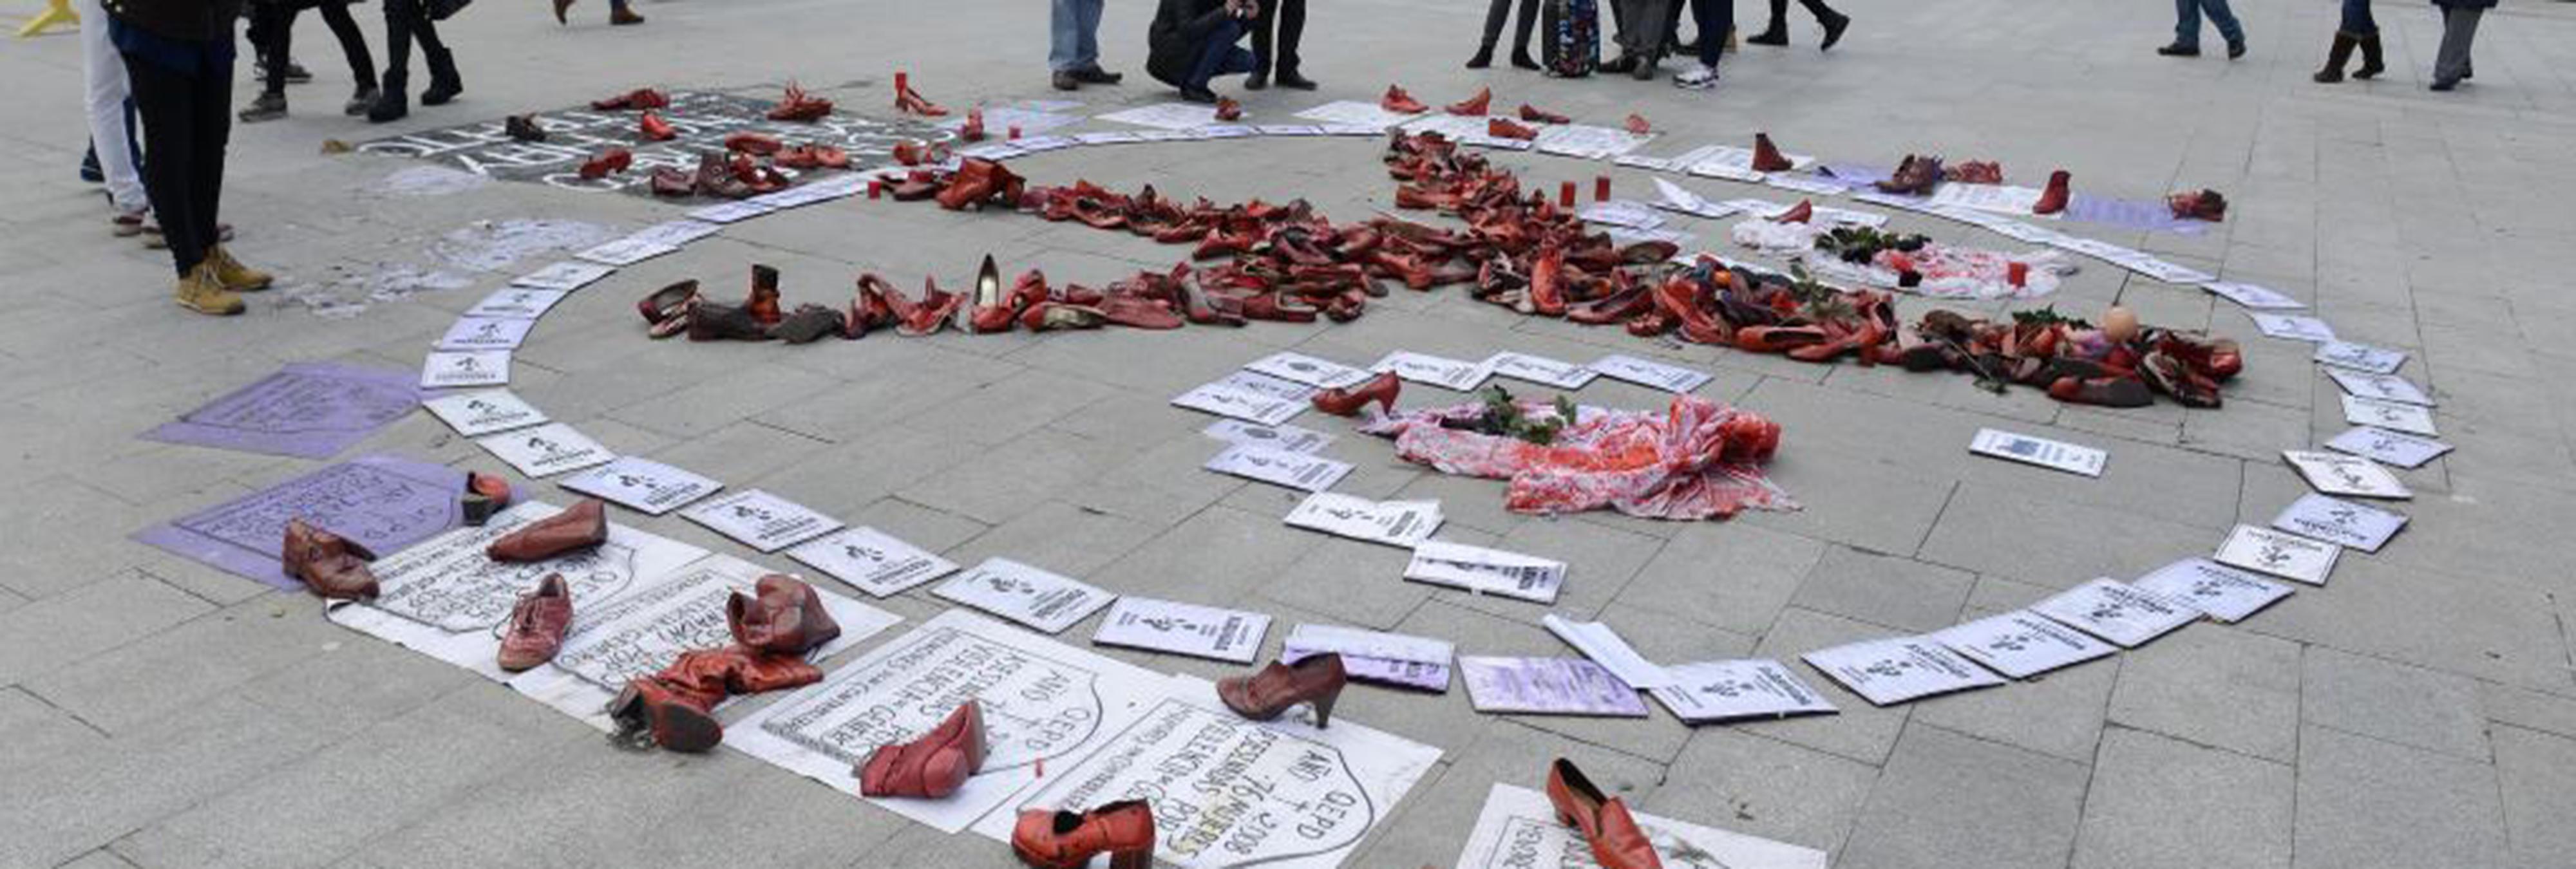 Mujeres en huelga de hambre por un país sin violencia machista en la Puerta del Sol